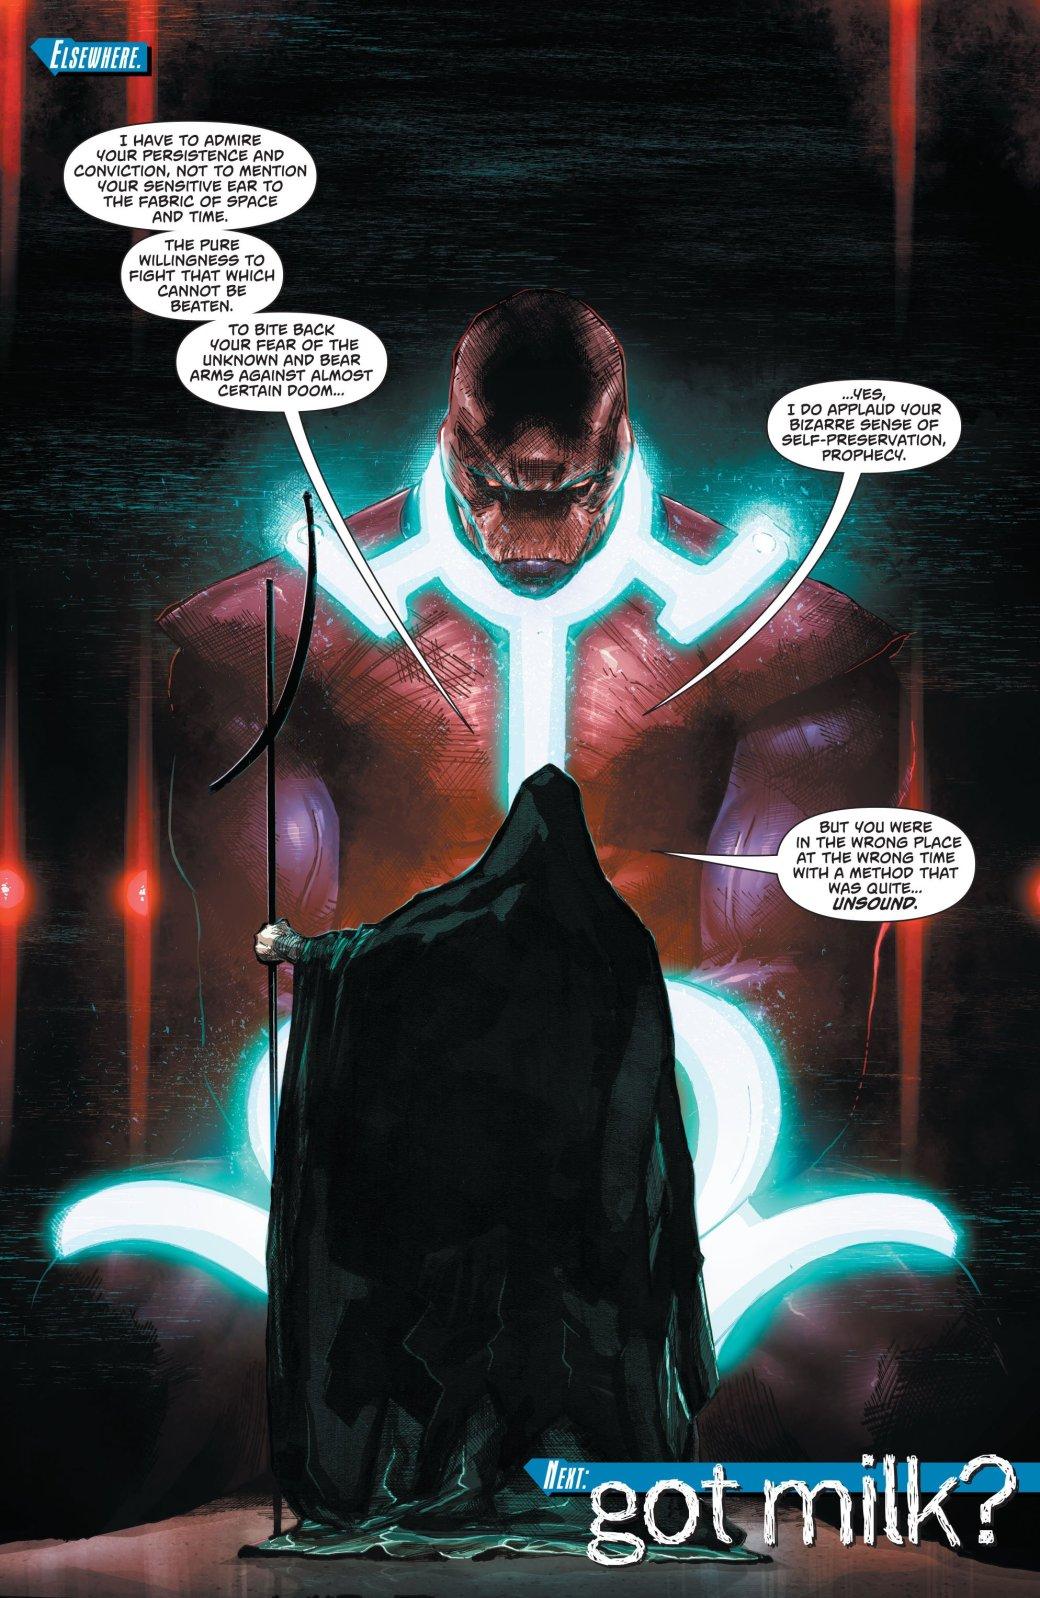 Совместное приключение Суперменов из разных вселенных подошло к концу | Канобу - Изображение 4